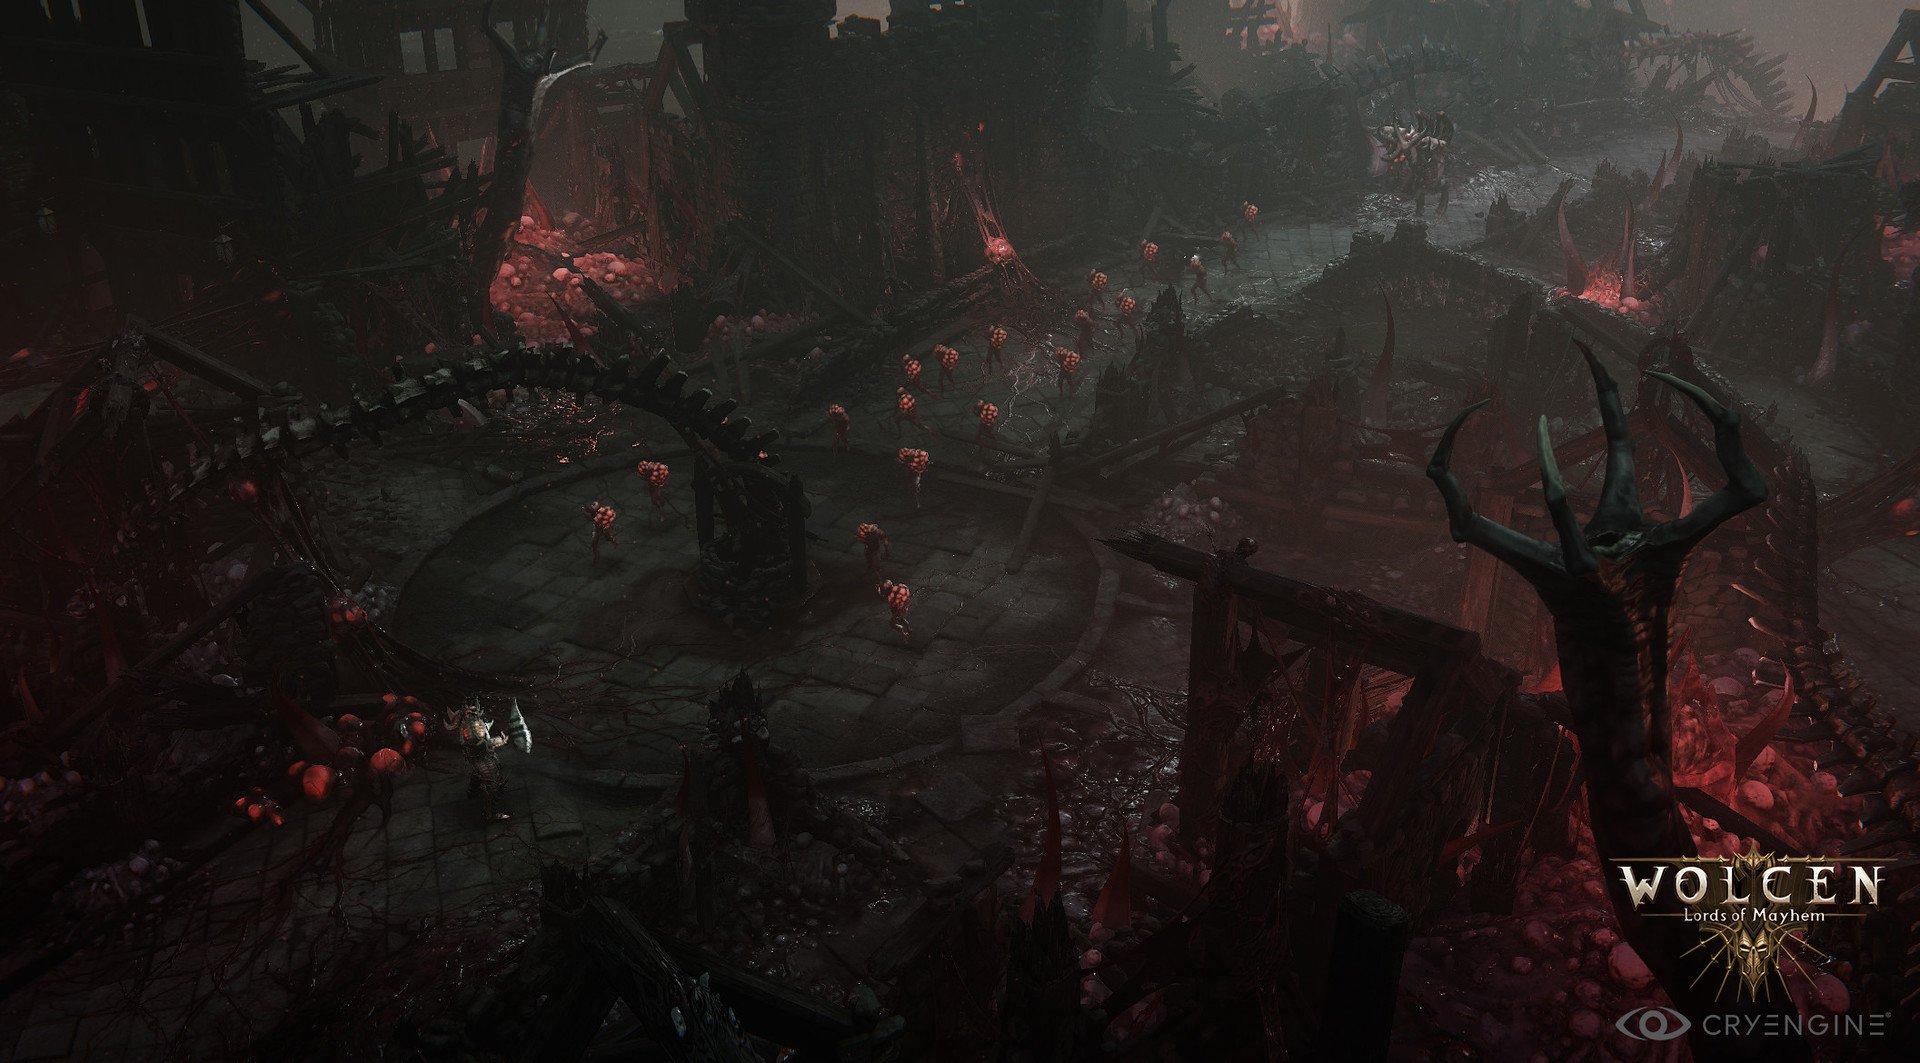 Wolcen Lords of Mayhem 18